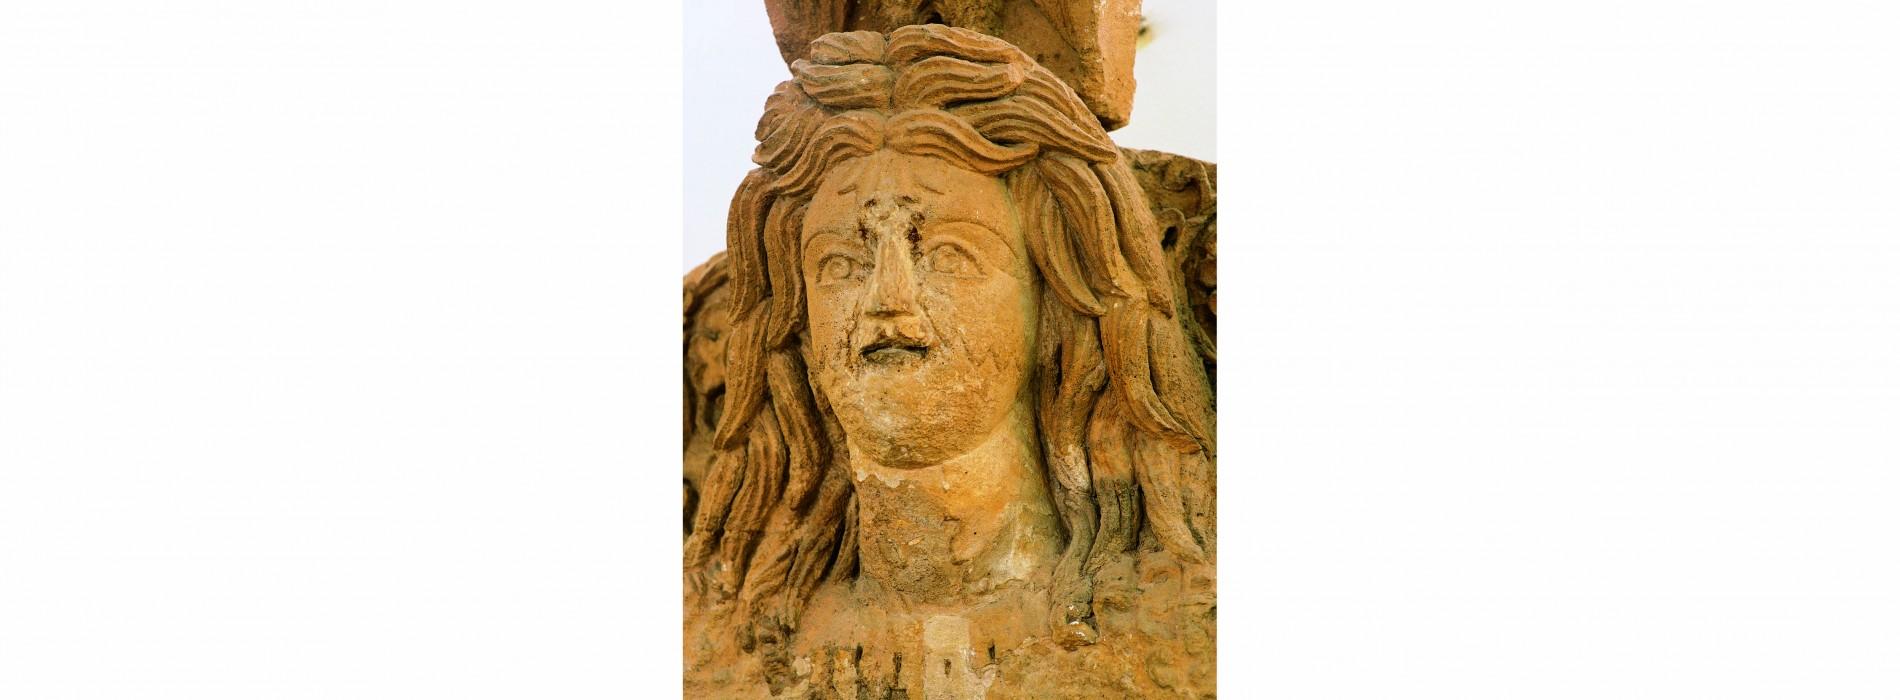 Exploring beauty of Art in Jordan